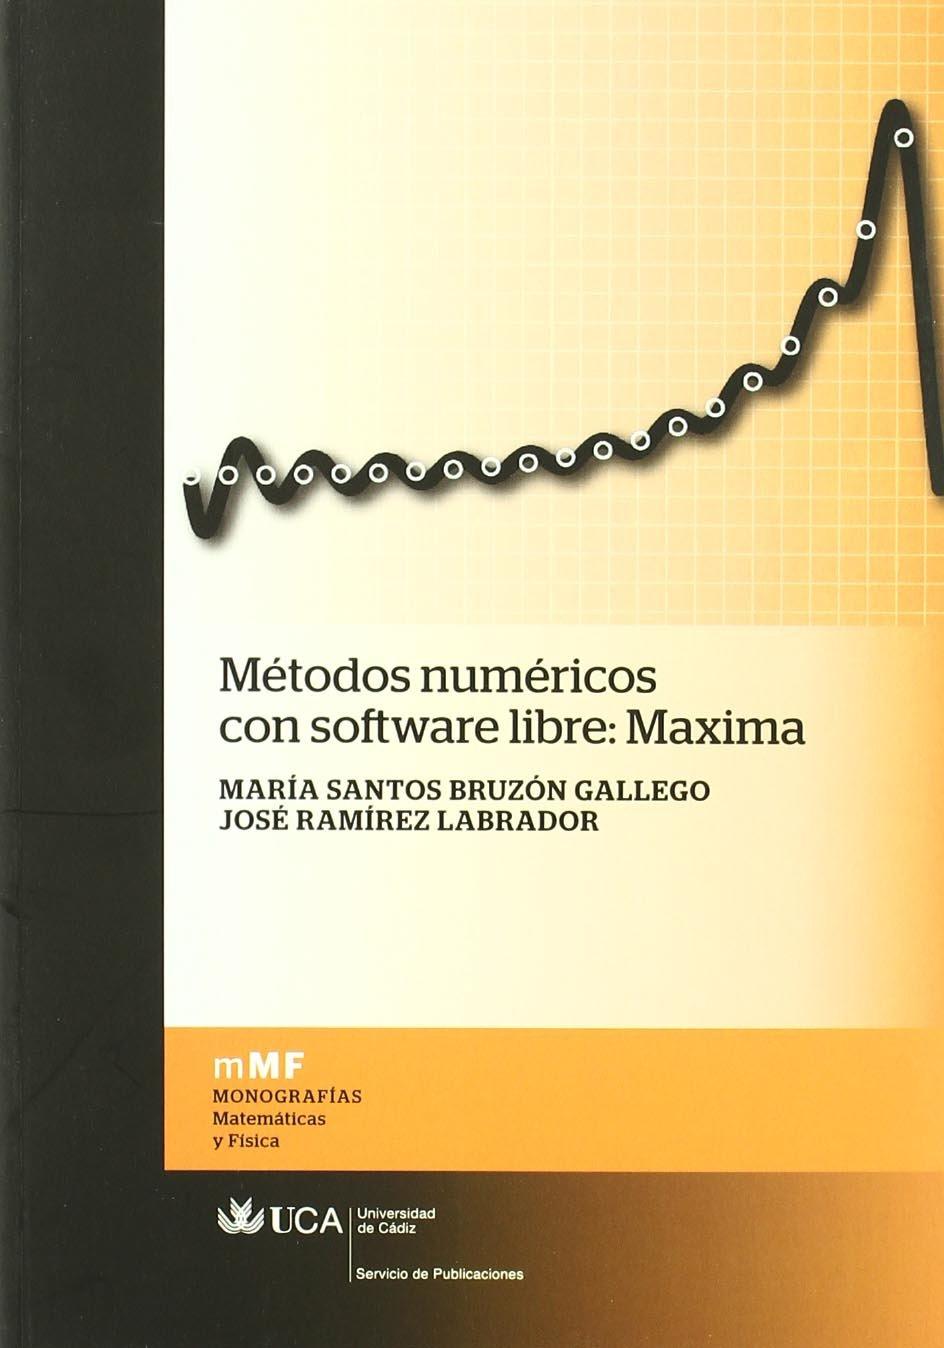 METODOS NUMERICOS CON SOFTWARE LIBRE: MAXIMA ebook